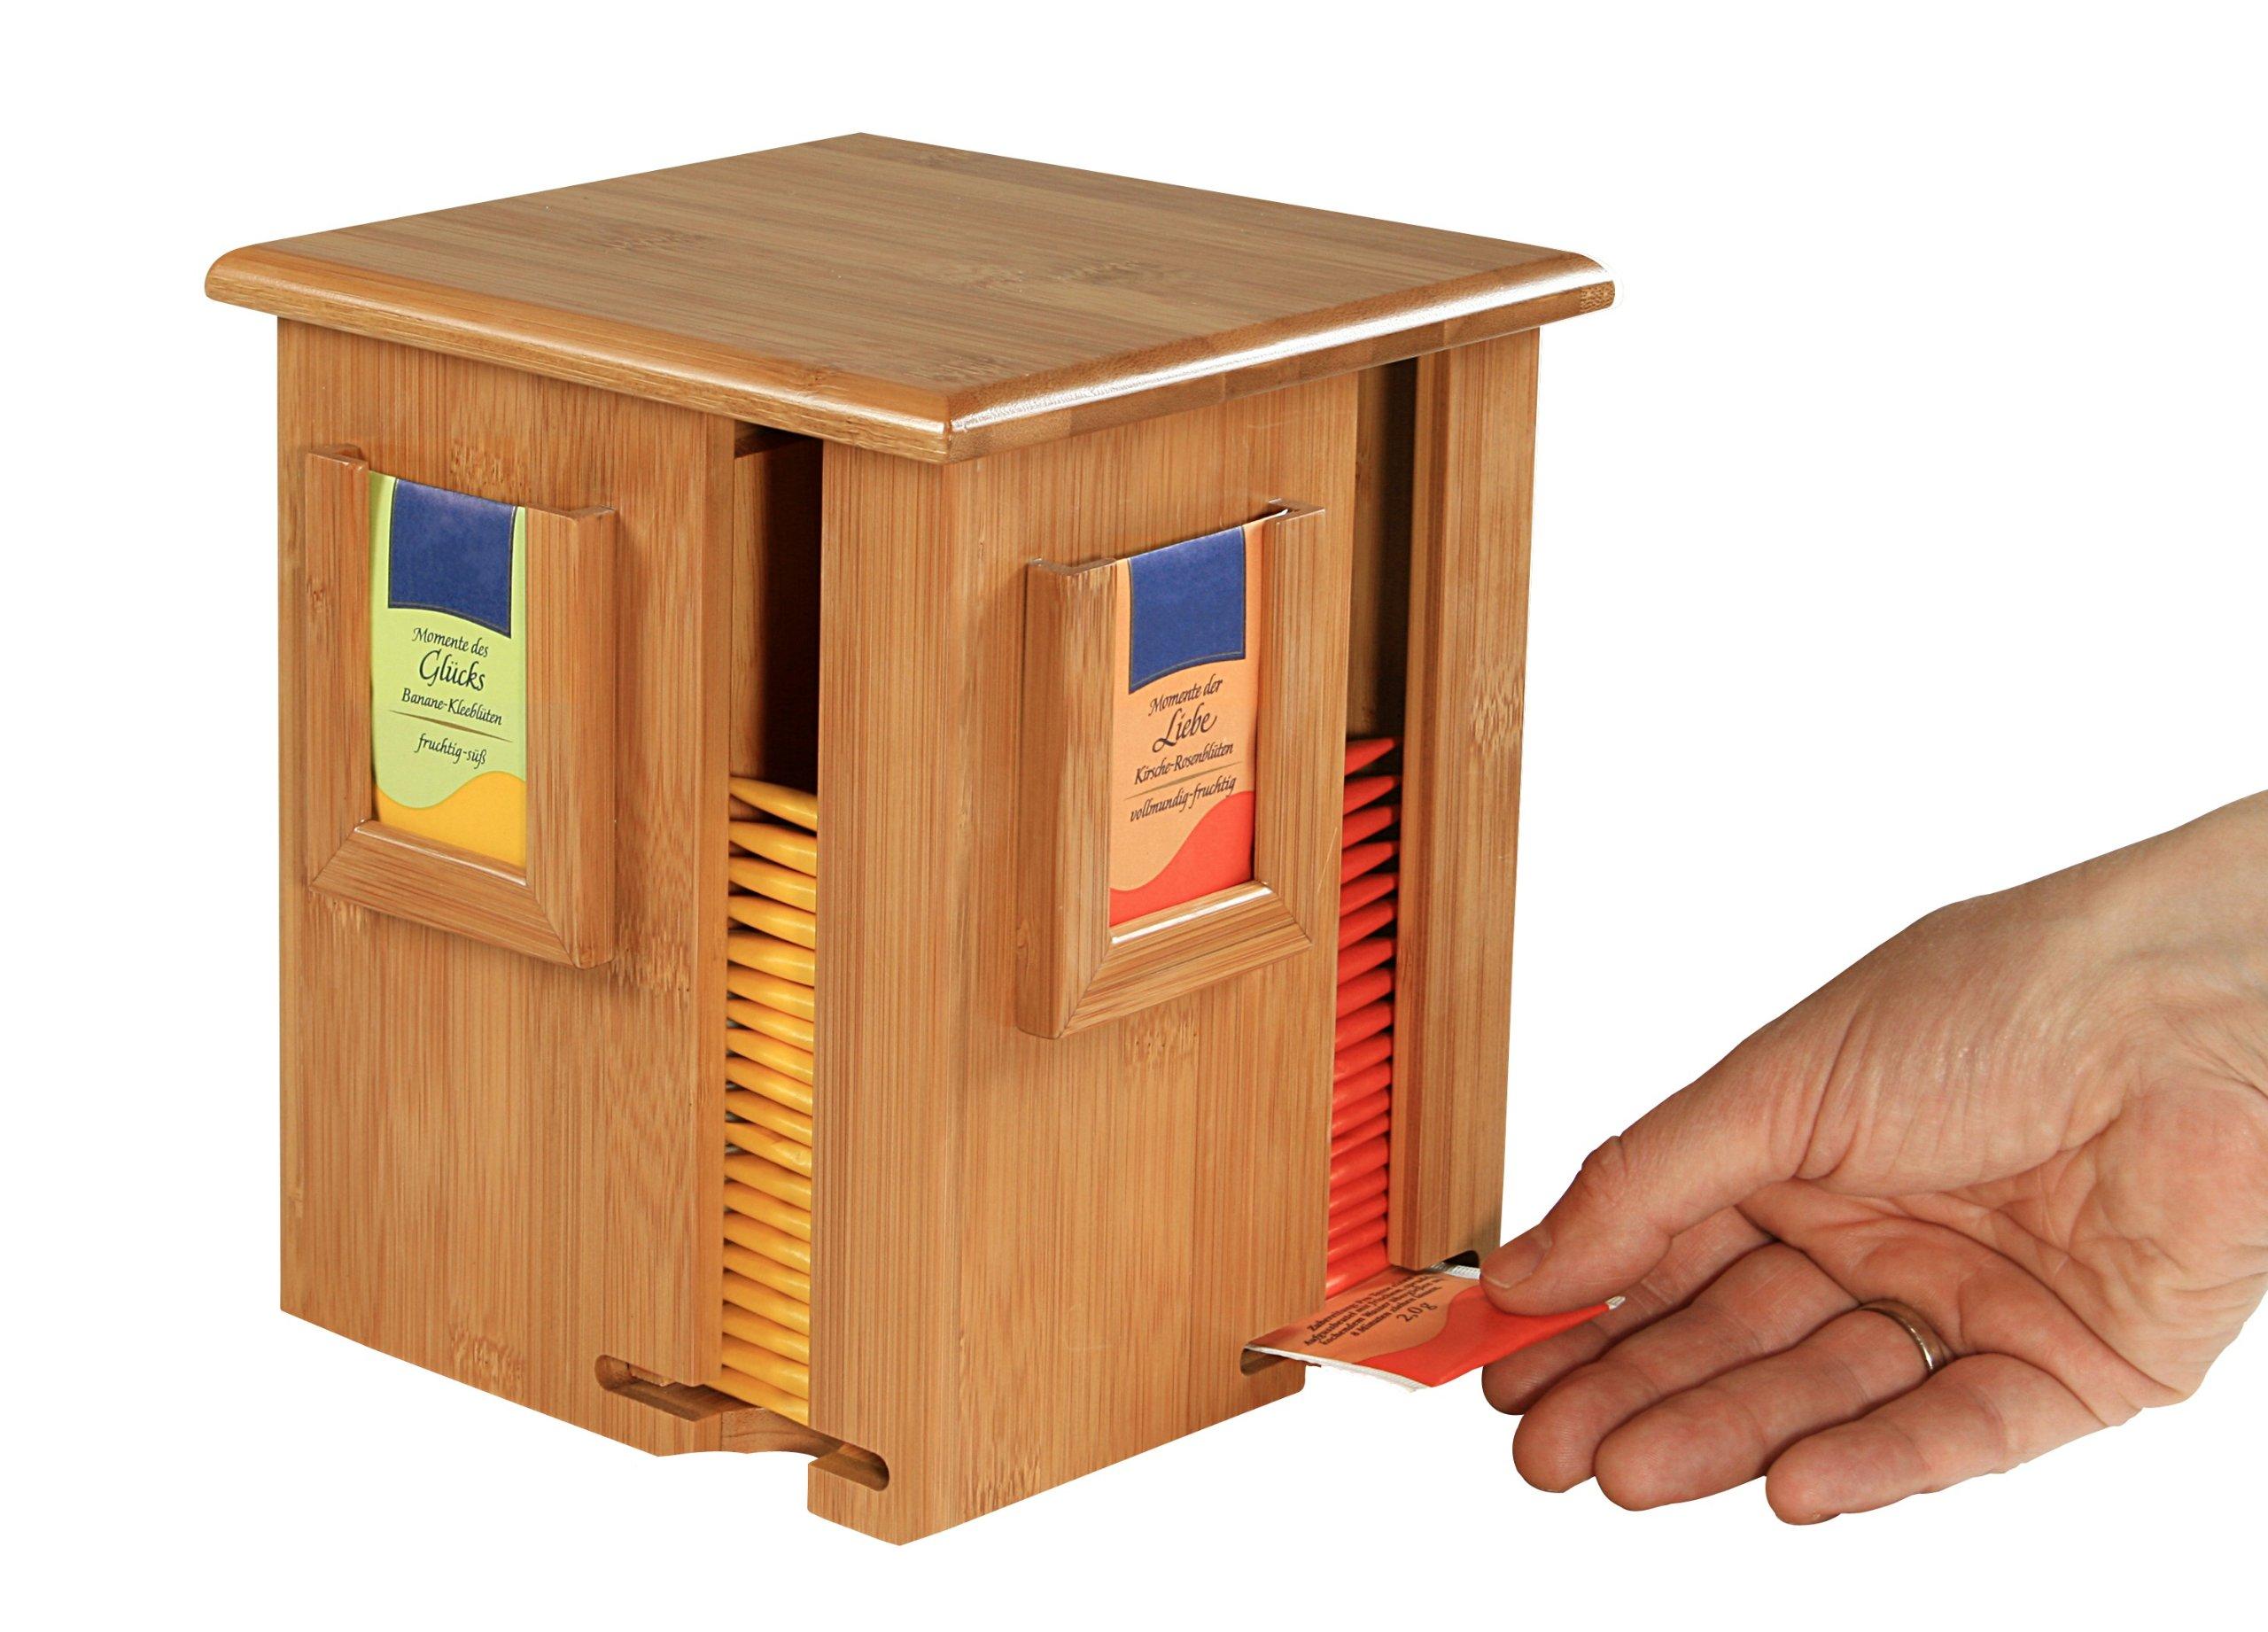 Kesper Tea Bag dispenser 6.3'' x 6.3'' x 7.87'' of Bamboo, Brown by Kesper (Image #1)